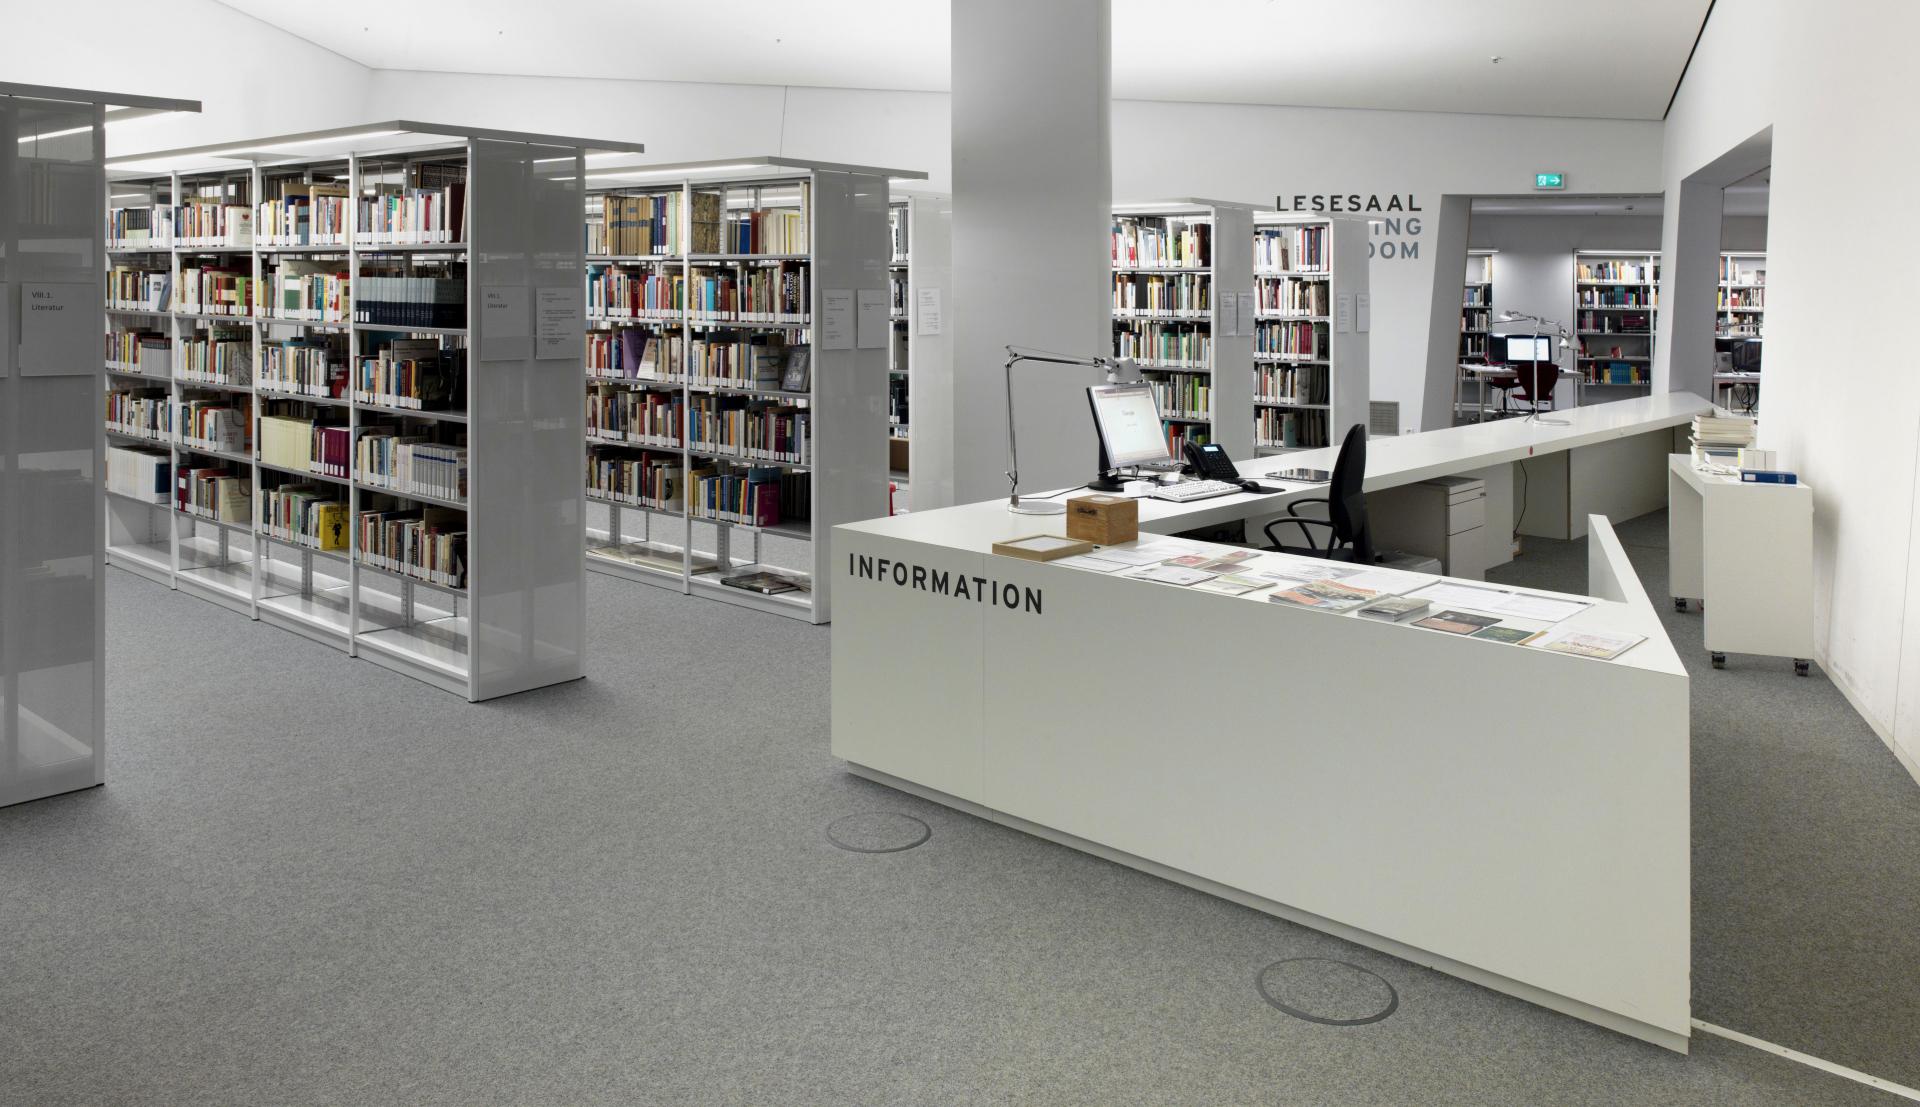 Helle Räumlichkeit, in der Innenausstattung dominiert durch spitze geometrische Formen im Stil des Libeskind Museumsgebäude mit Bücherregalen und Informationstheke